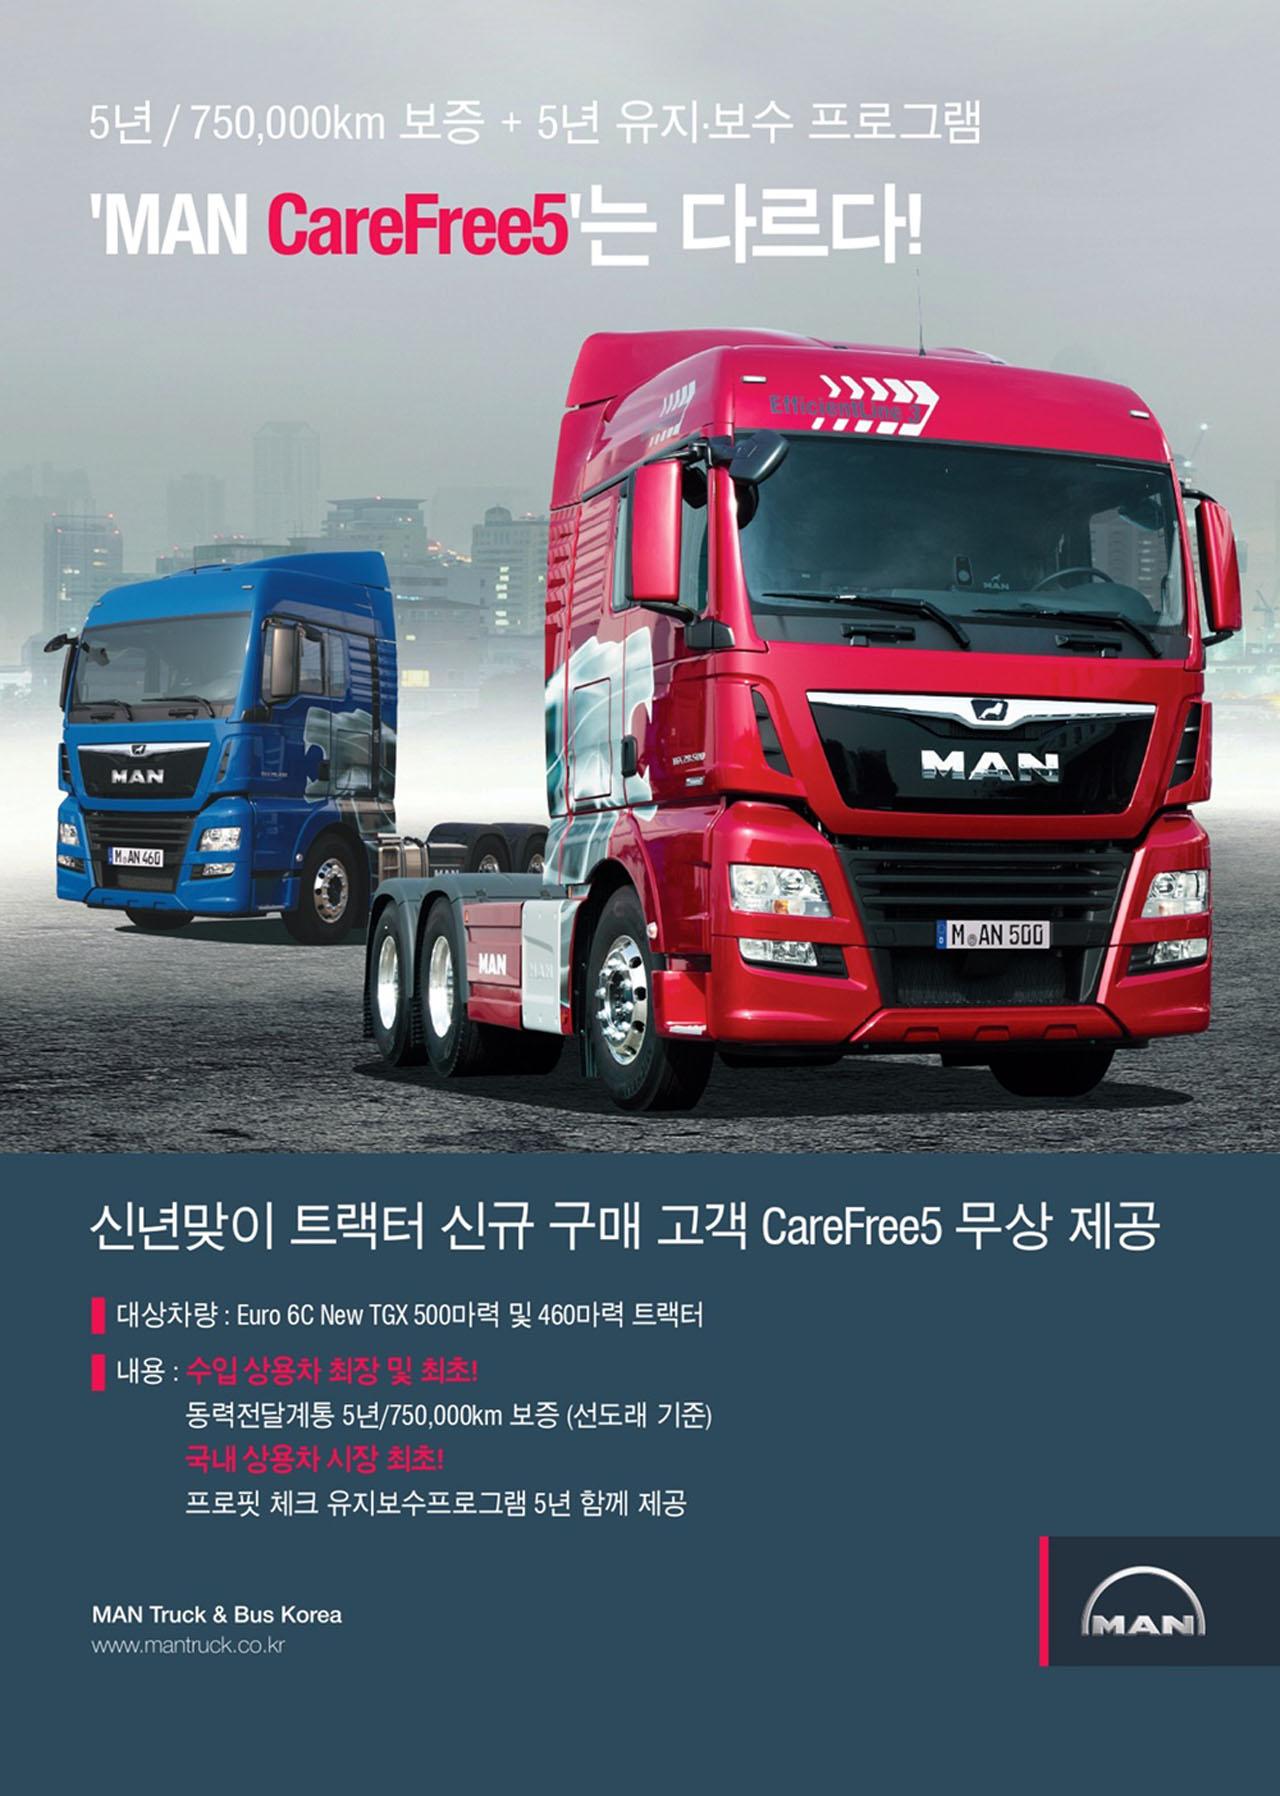 [참고사진] 만트럭버스코리아_ 유로6C 트랙터 신규 구매 고객 대상 _케어프리5_ 프로그램 무상 제공